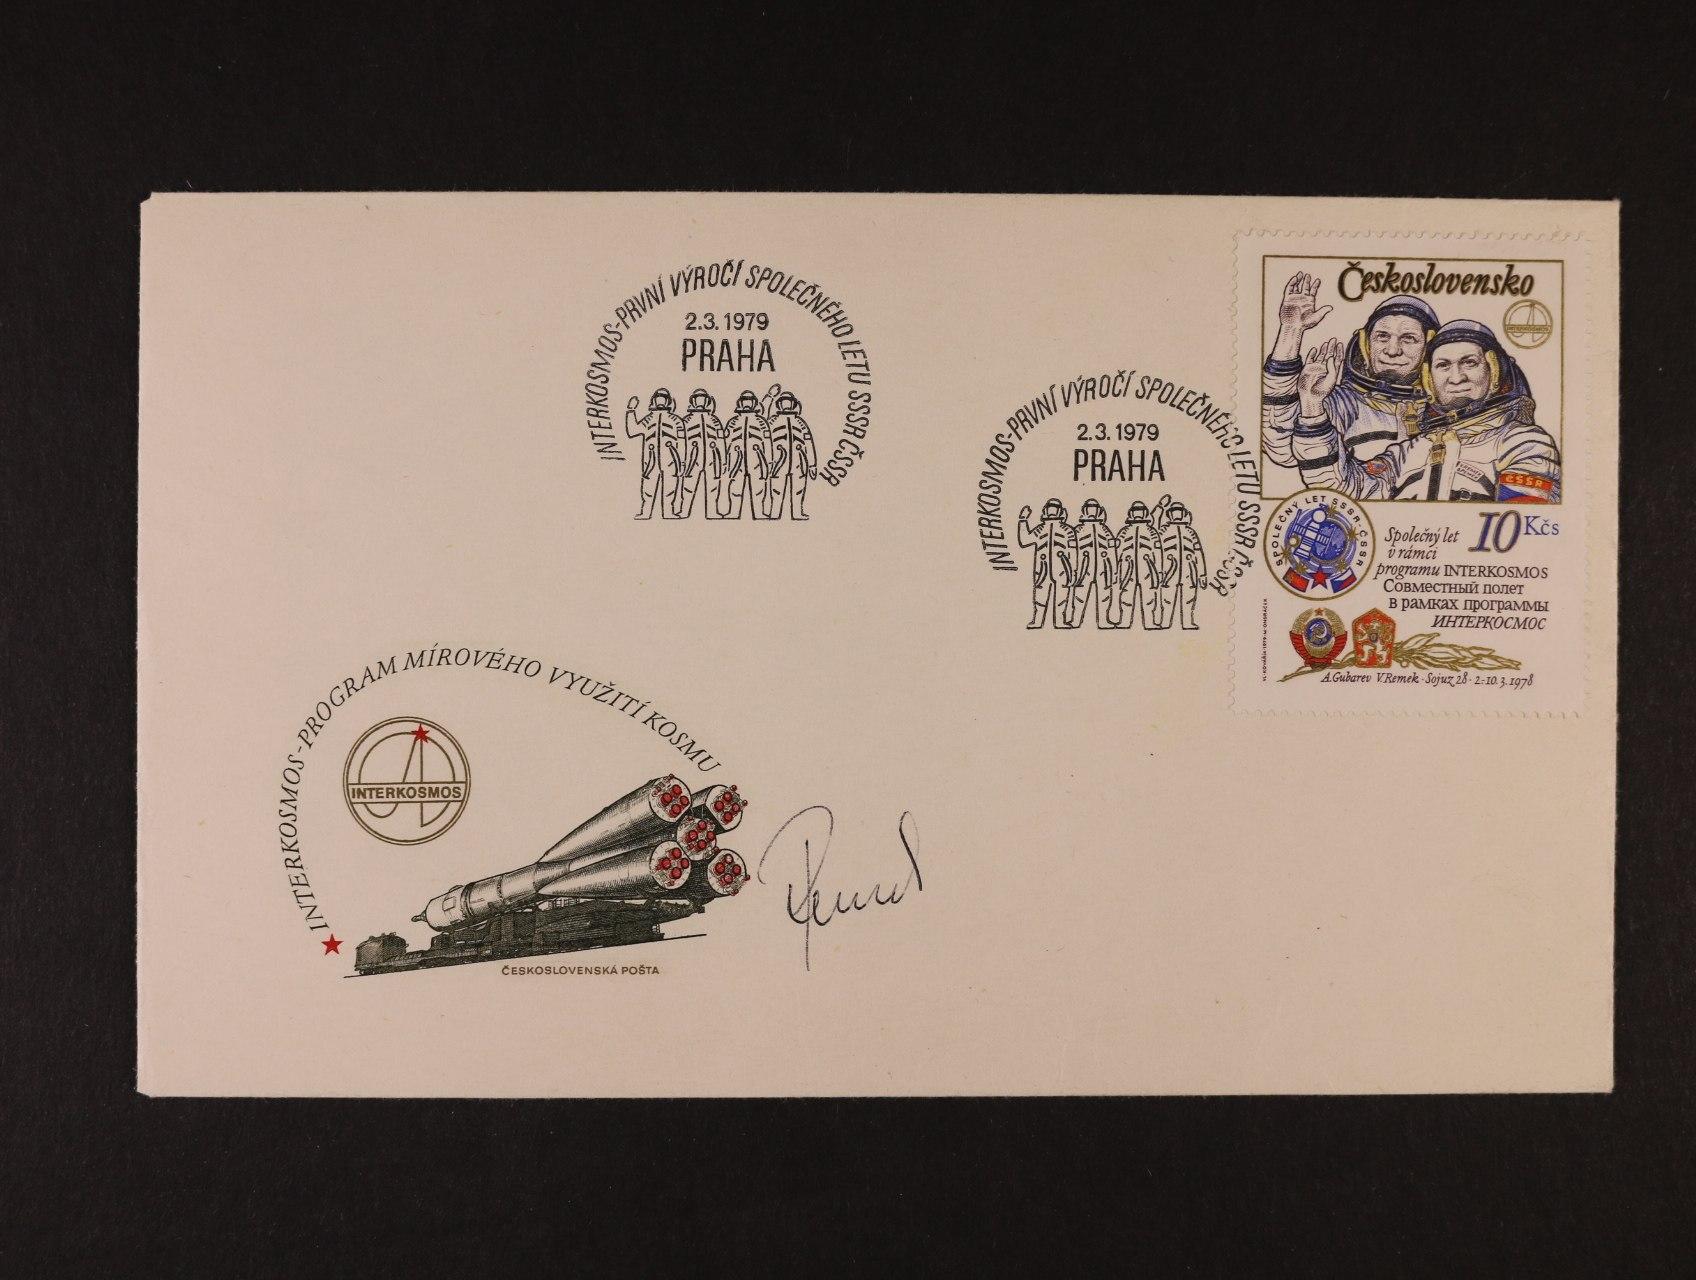 Remek Vladimír -obálka FDC k výr. 1. spol. letu SSSR - ČSSR 2.3.1979 s vlastnoručním podpisem